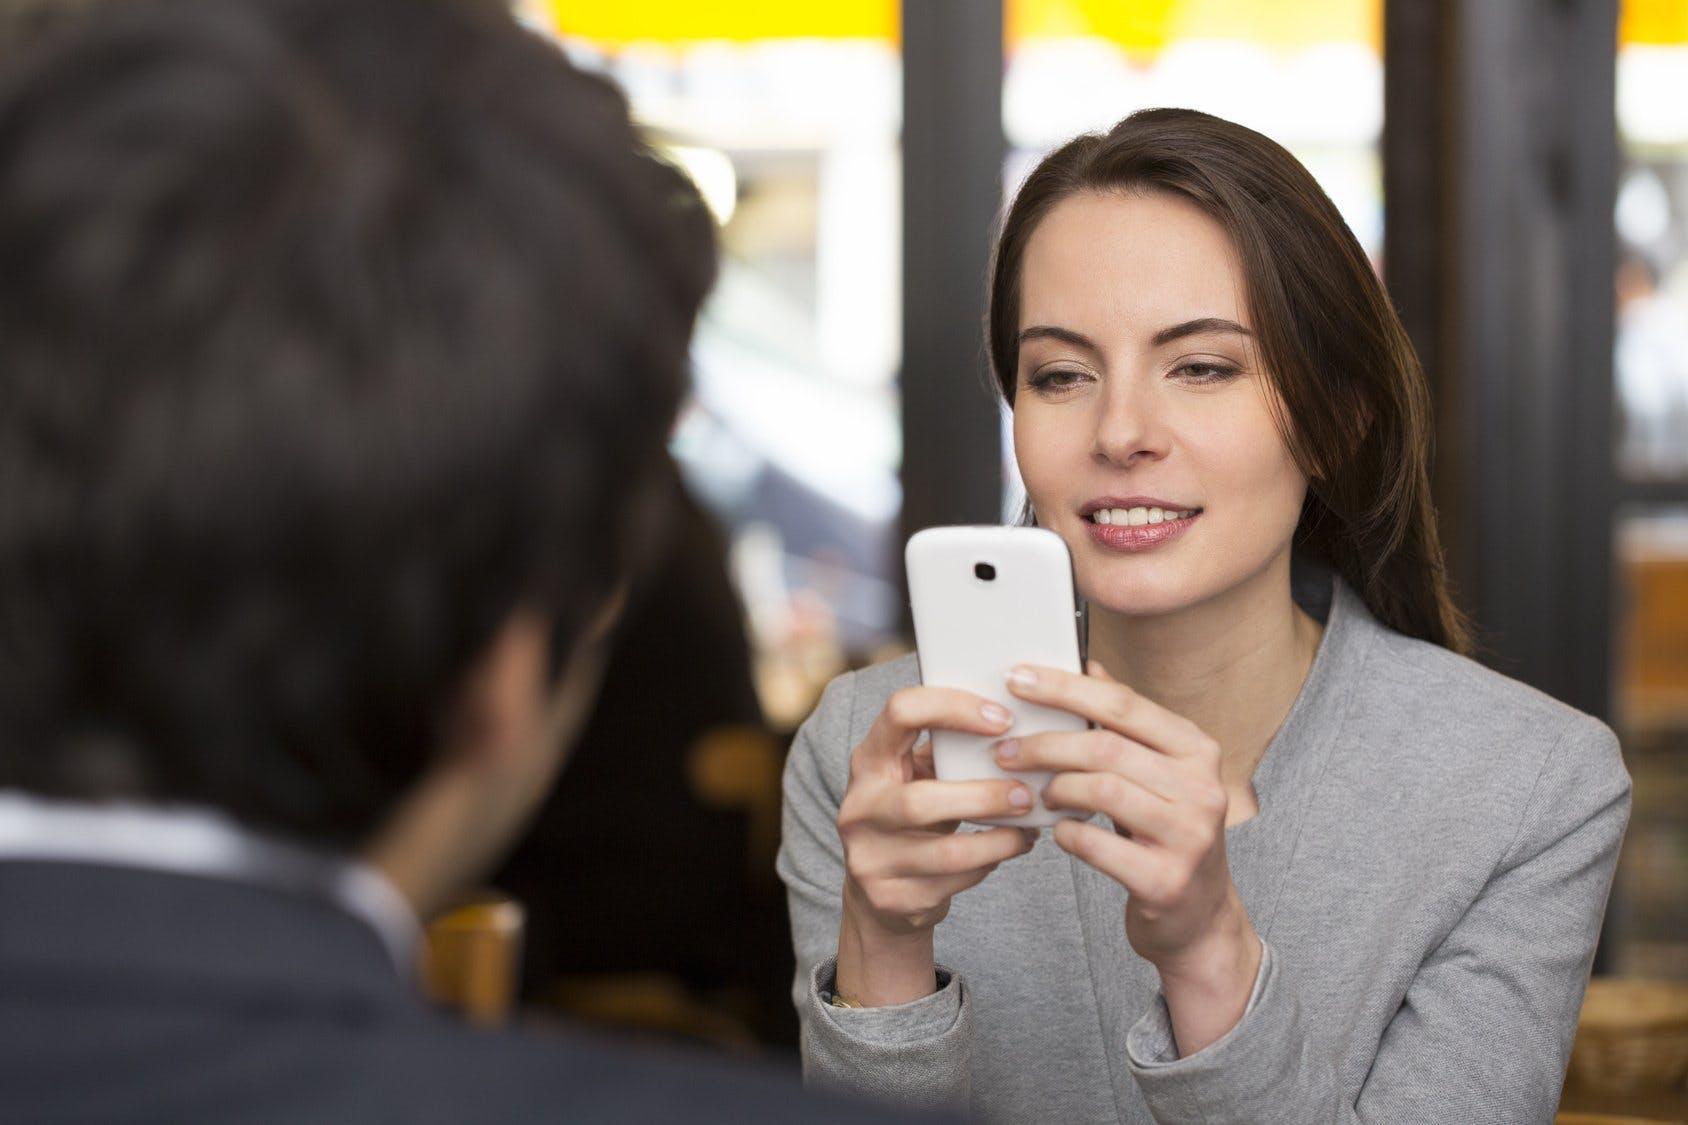 ako často hovoriť s niekým, koho ste datovania